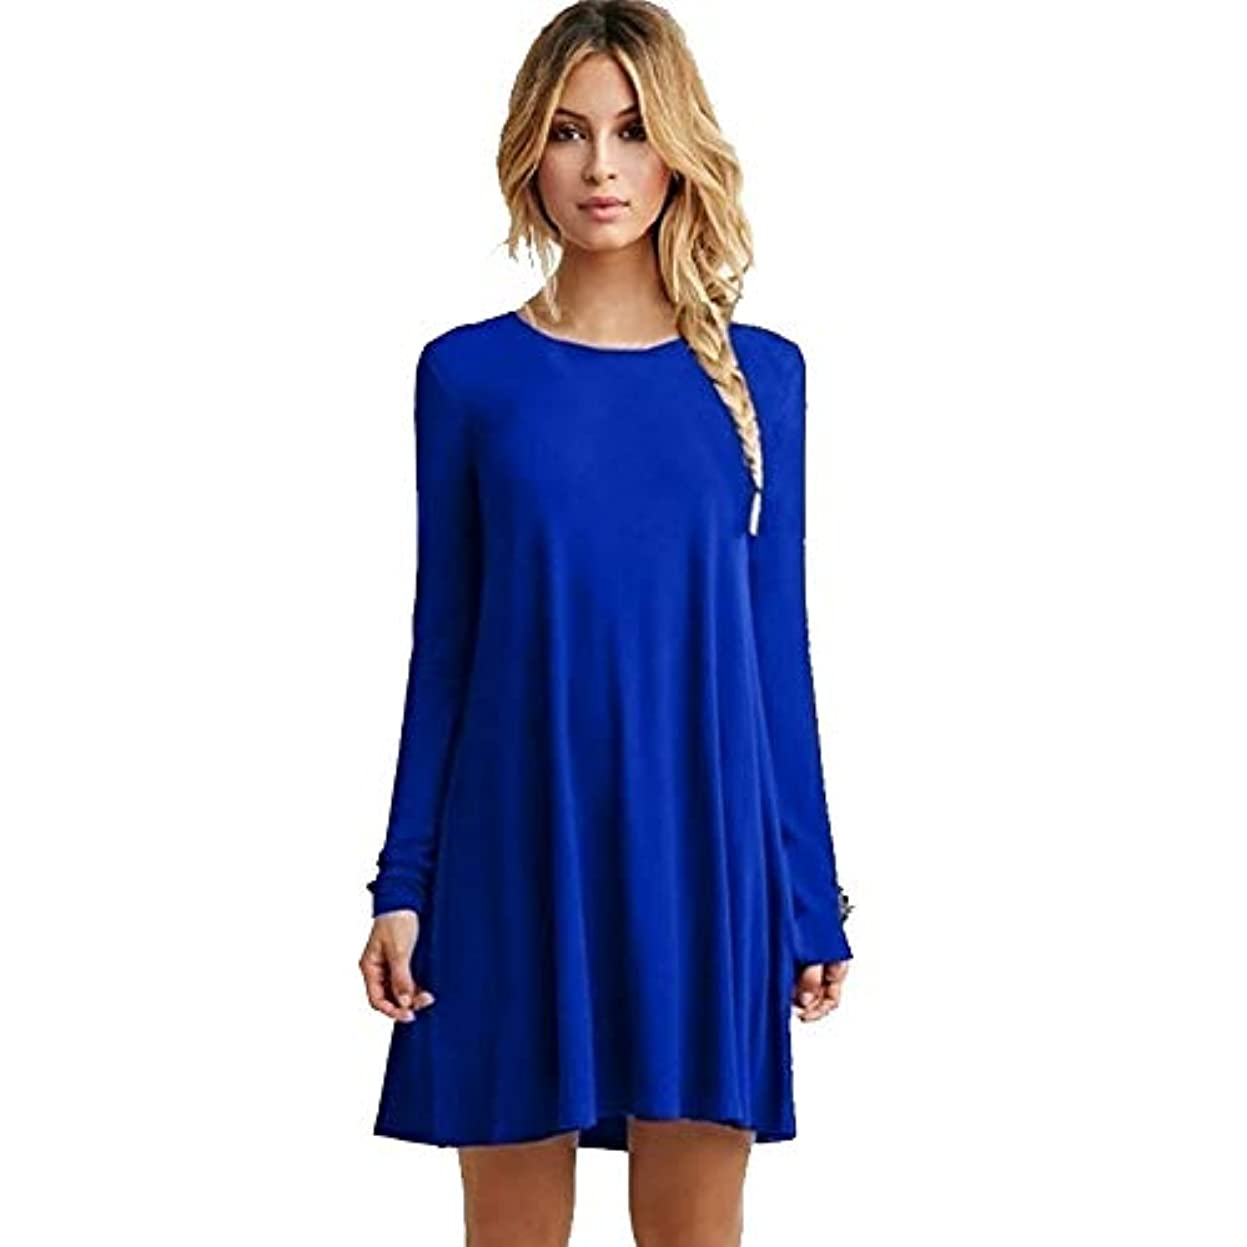 行き当たりばったり批判するアカデミックMIFANルースドレス、プラスサイズのドレス、長袖のドレス、女性のドレス、秋のドレス、マキシドレス、コットンドレス